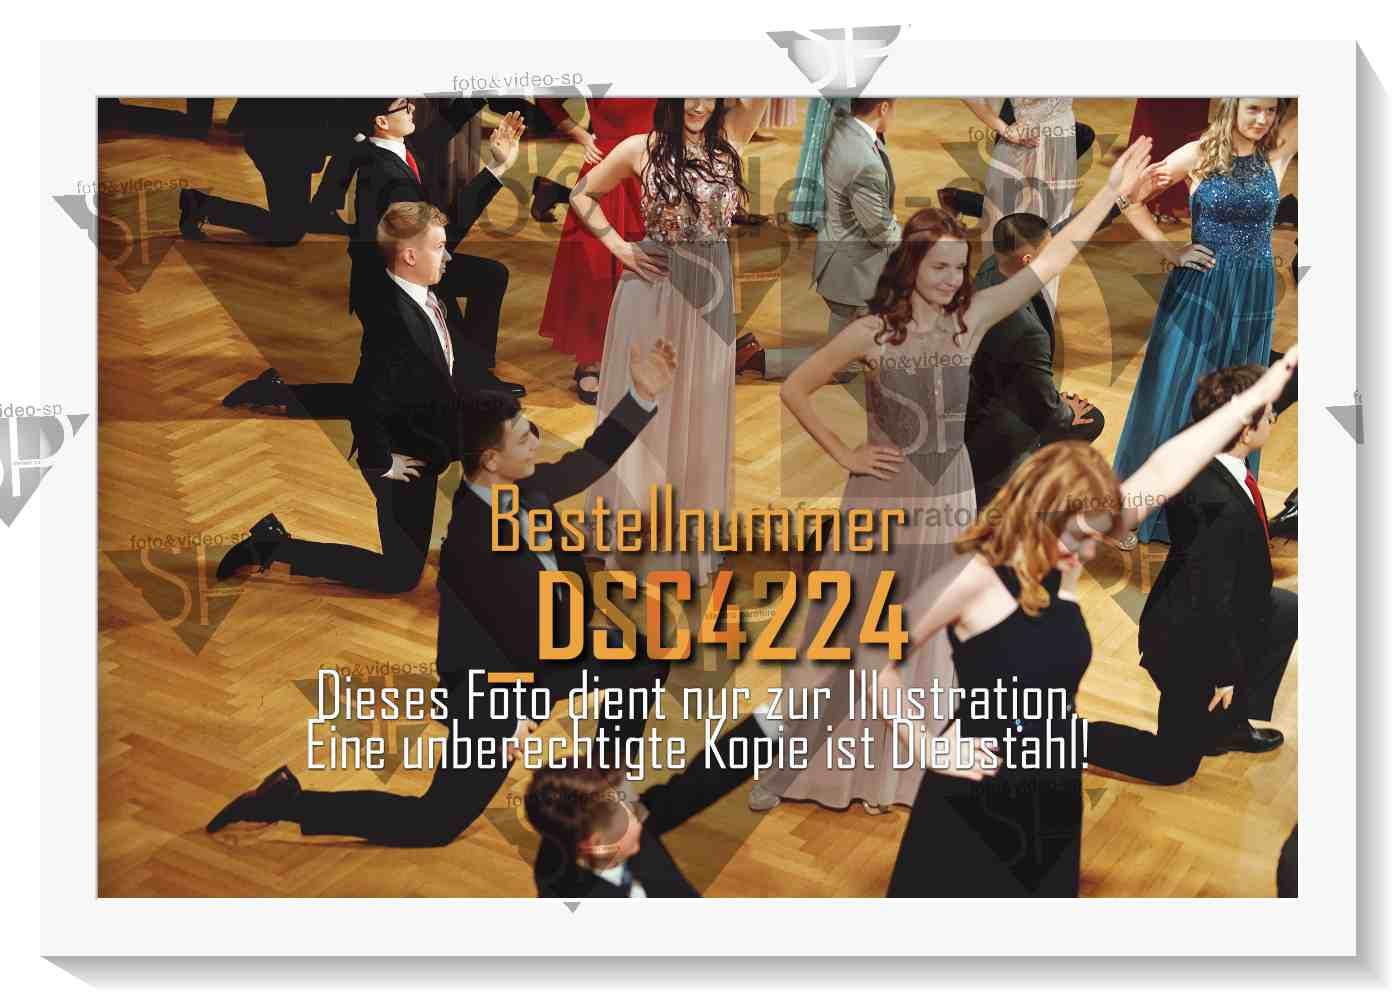 DSC4224